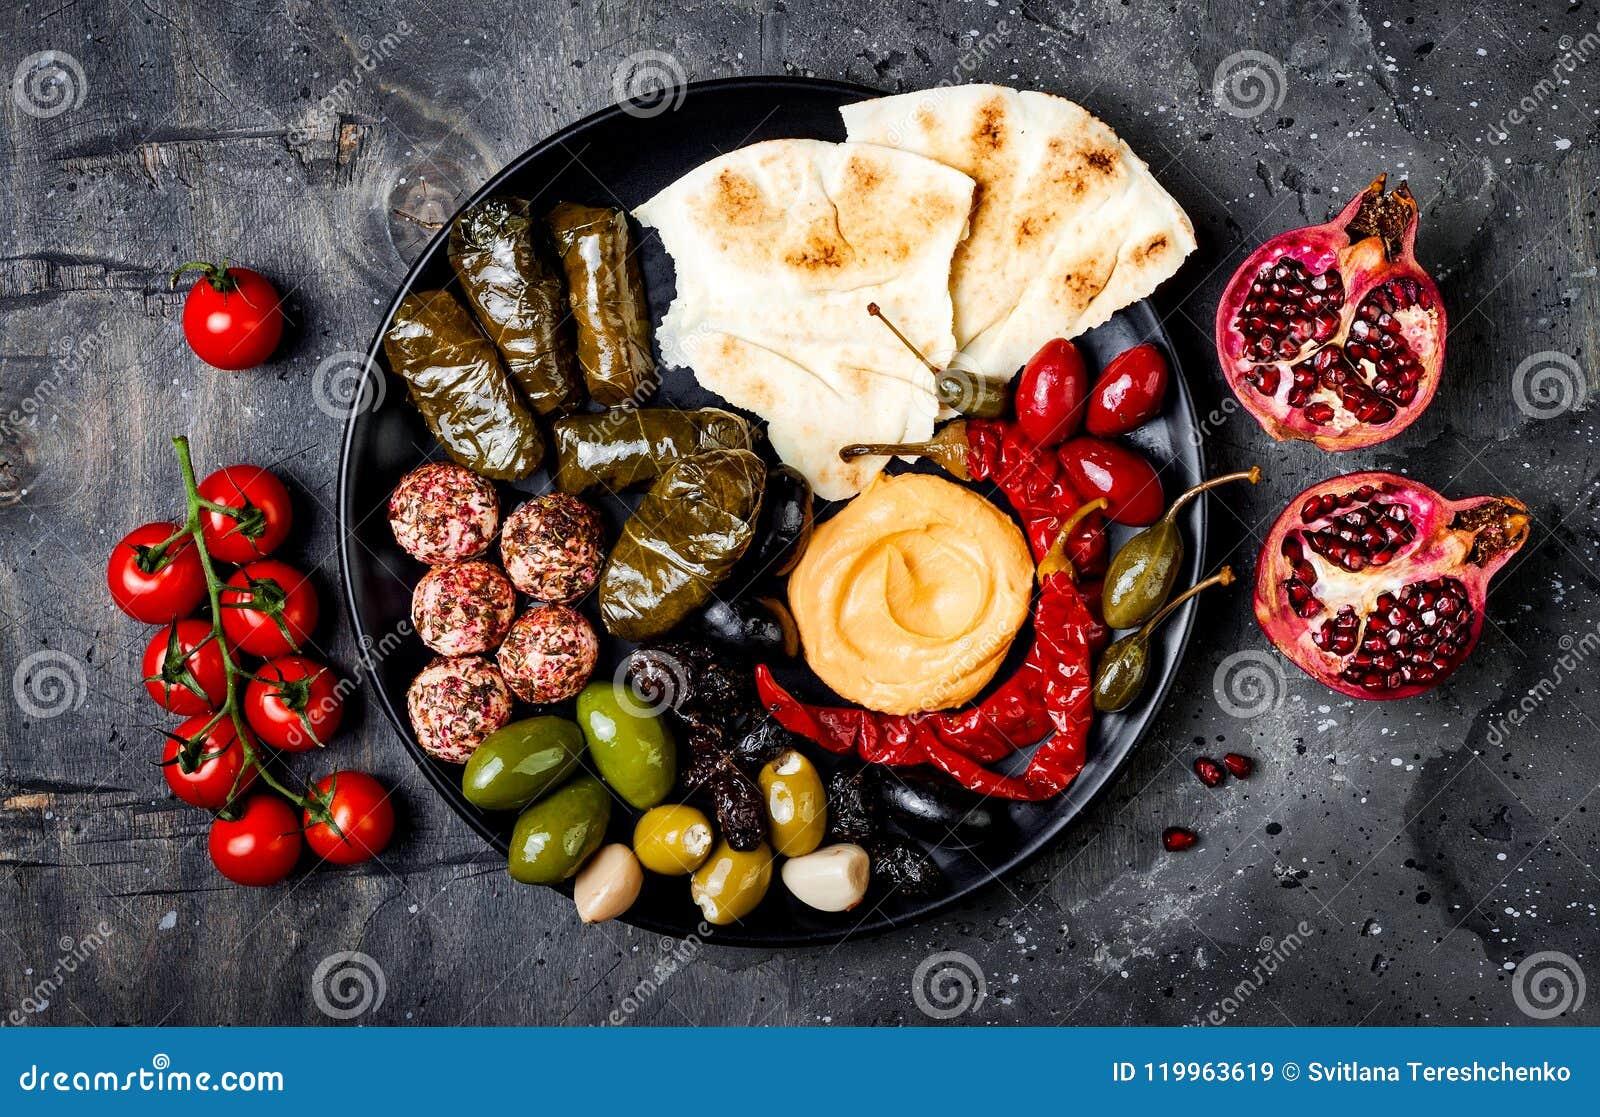 Cuisine traditionnelle arabe Le plateau du Moyen-Orient de meze avec du pain pita, olives, houmous, a bourré le dolma, boules de